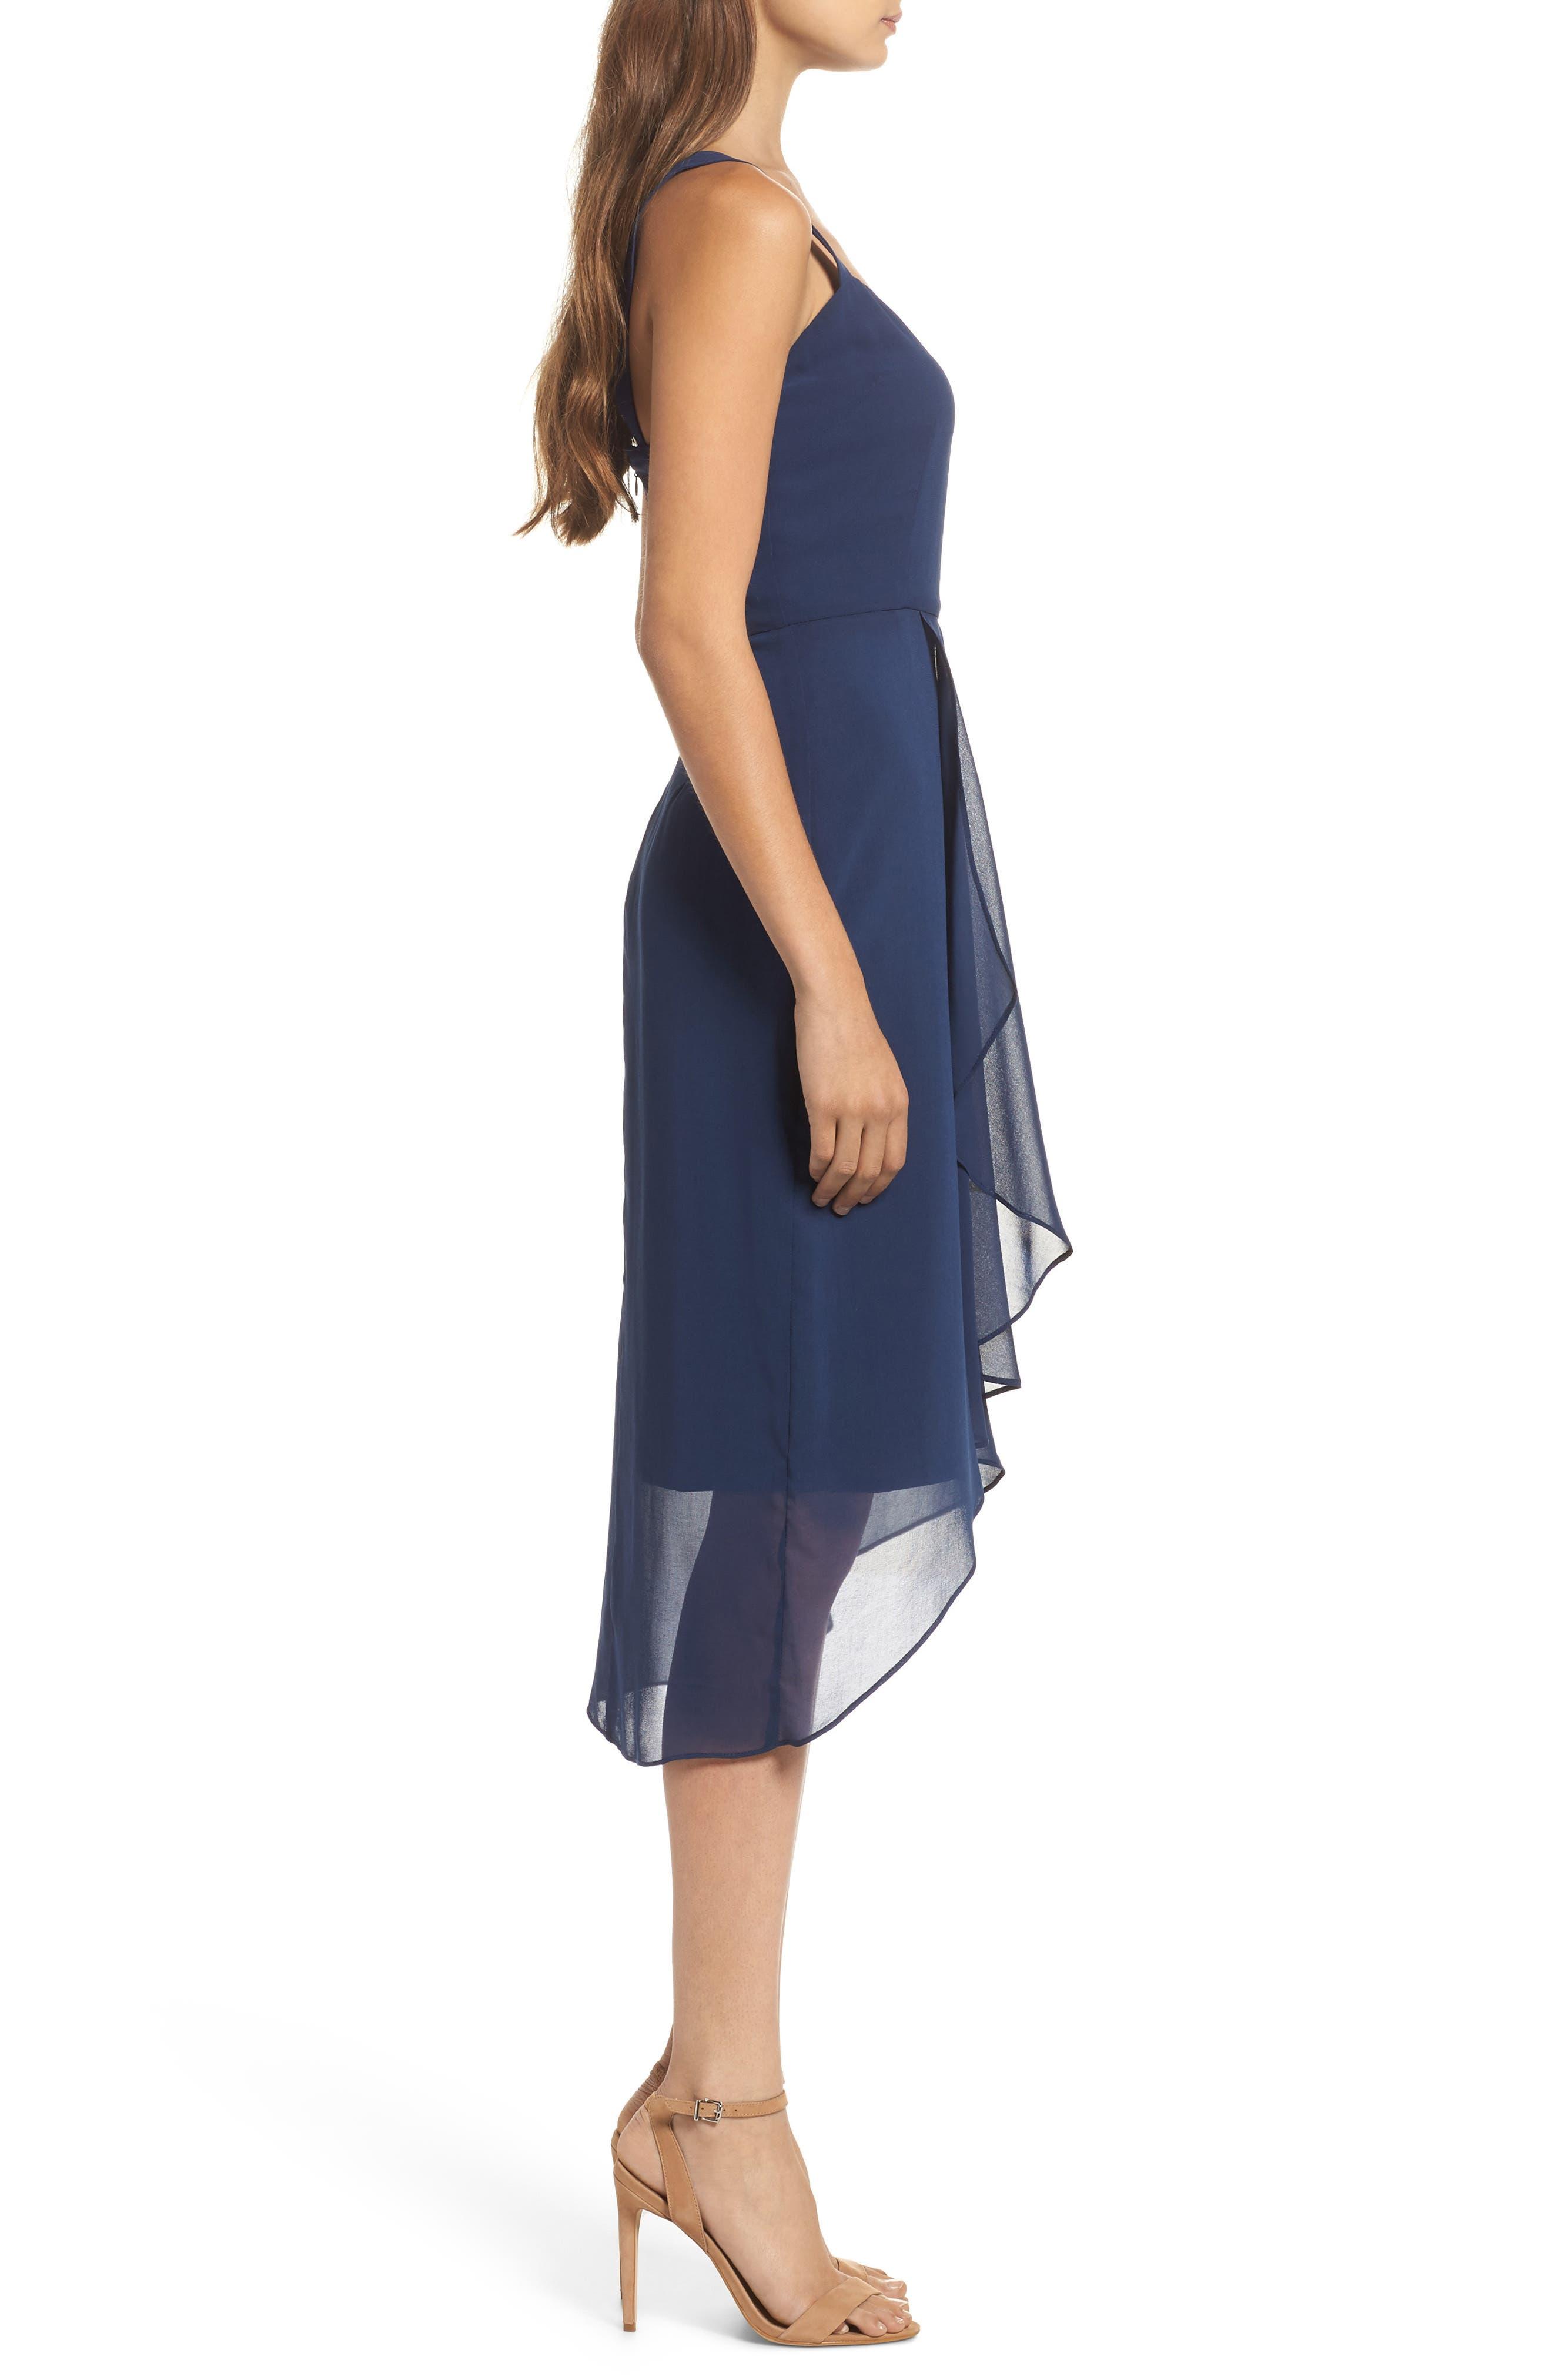 Utopia Midi Dress,                             Alternate thumbnail 3, color,                             435